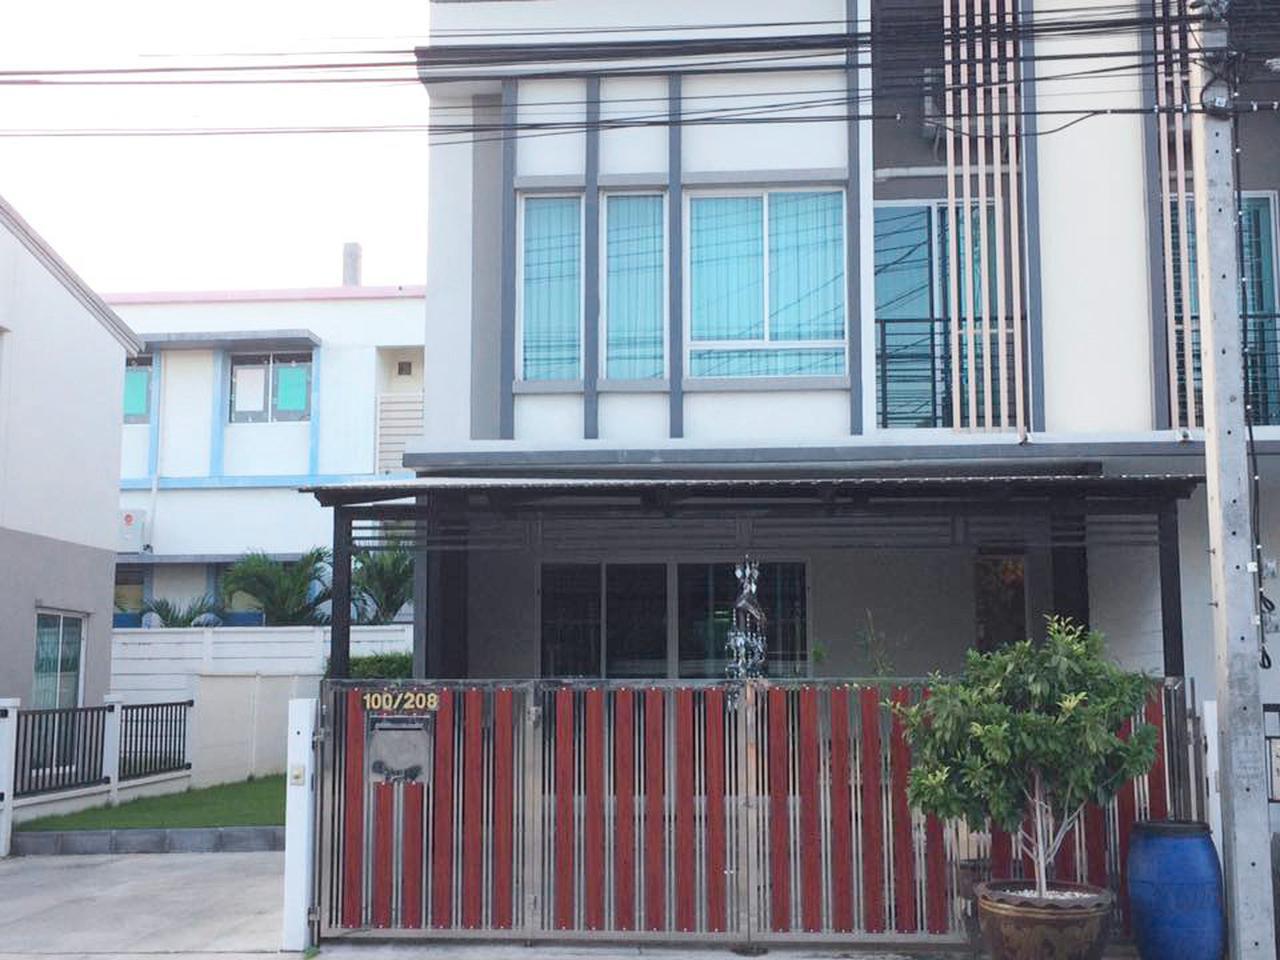 ขายบ้านทาวน์โฮม 2 ชั้น (หลังมุม) ราคาถูก ต่อรองได้ รูปที่ 6